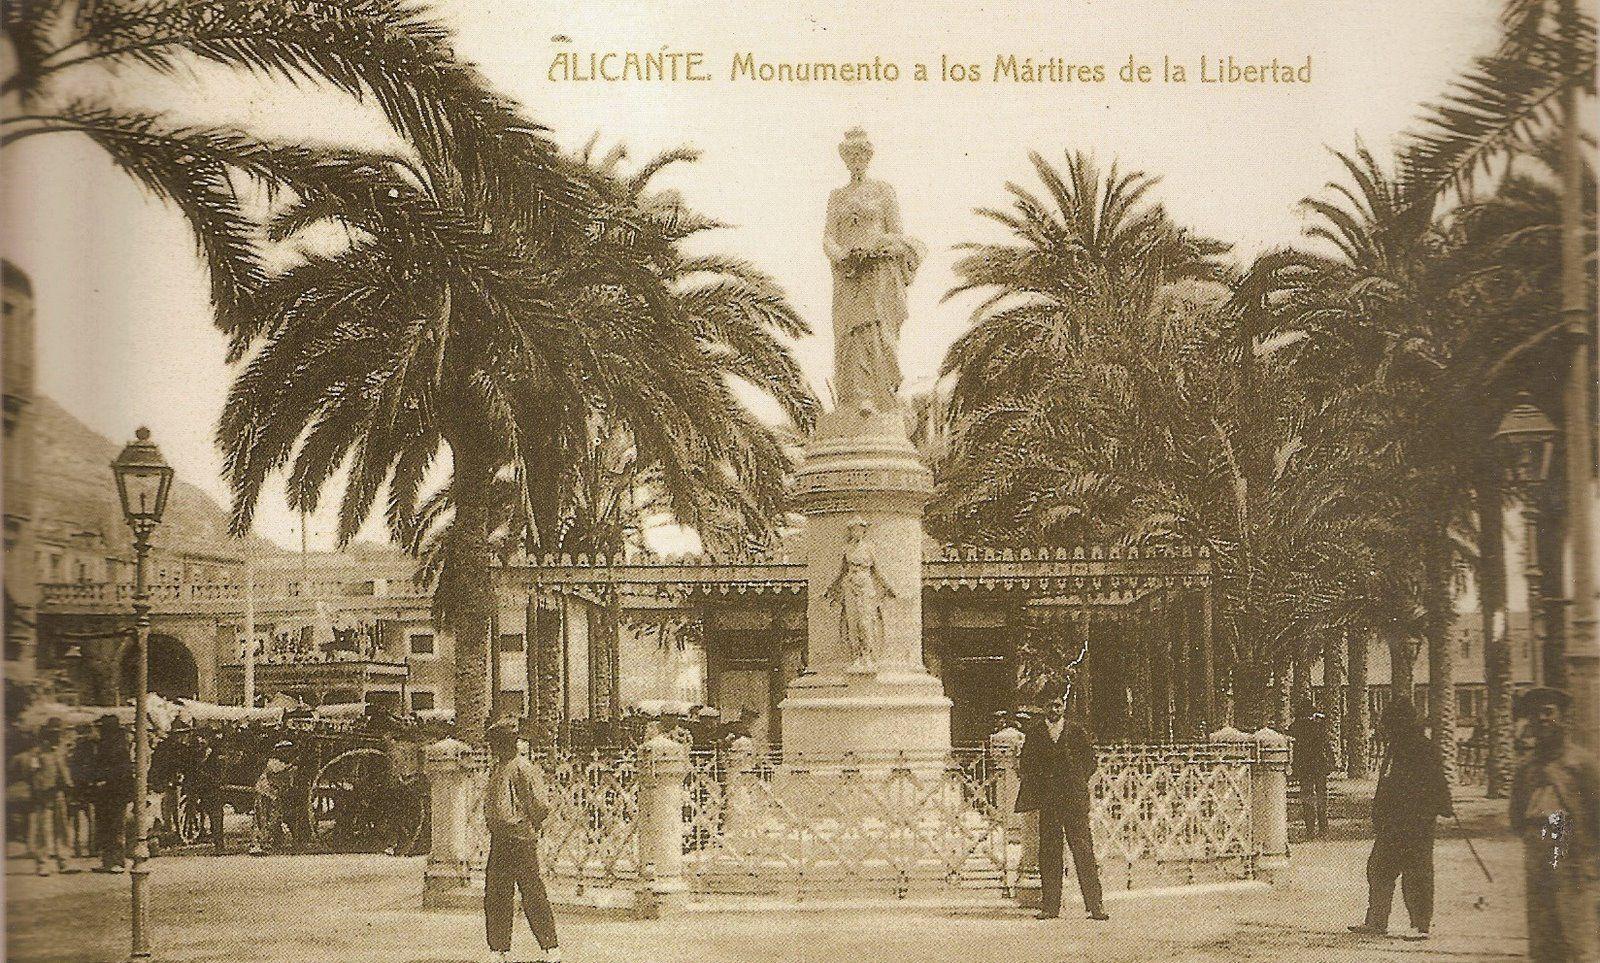 El Monumento a los Mártires de la Libertad situado dentro de la Explanada, frente a la Calle del Triunfo (hoy Alberola Romero). A la izquierda puede verse el antiguo Mercado Central. La Explanada, desde aquí, continuaba con sólo dos hileras de palmeras.